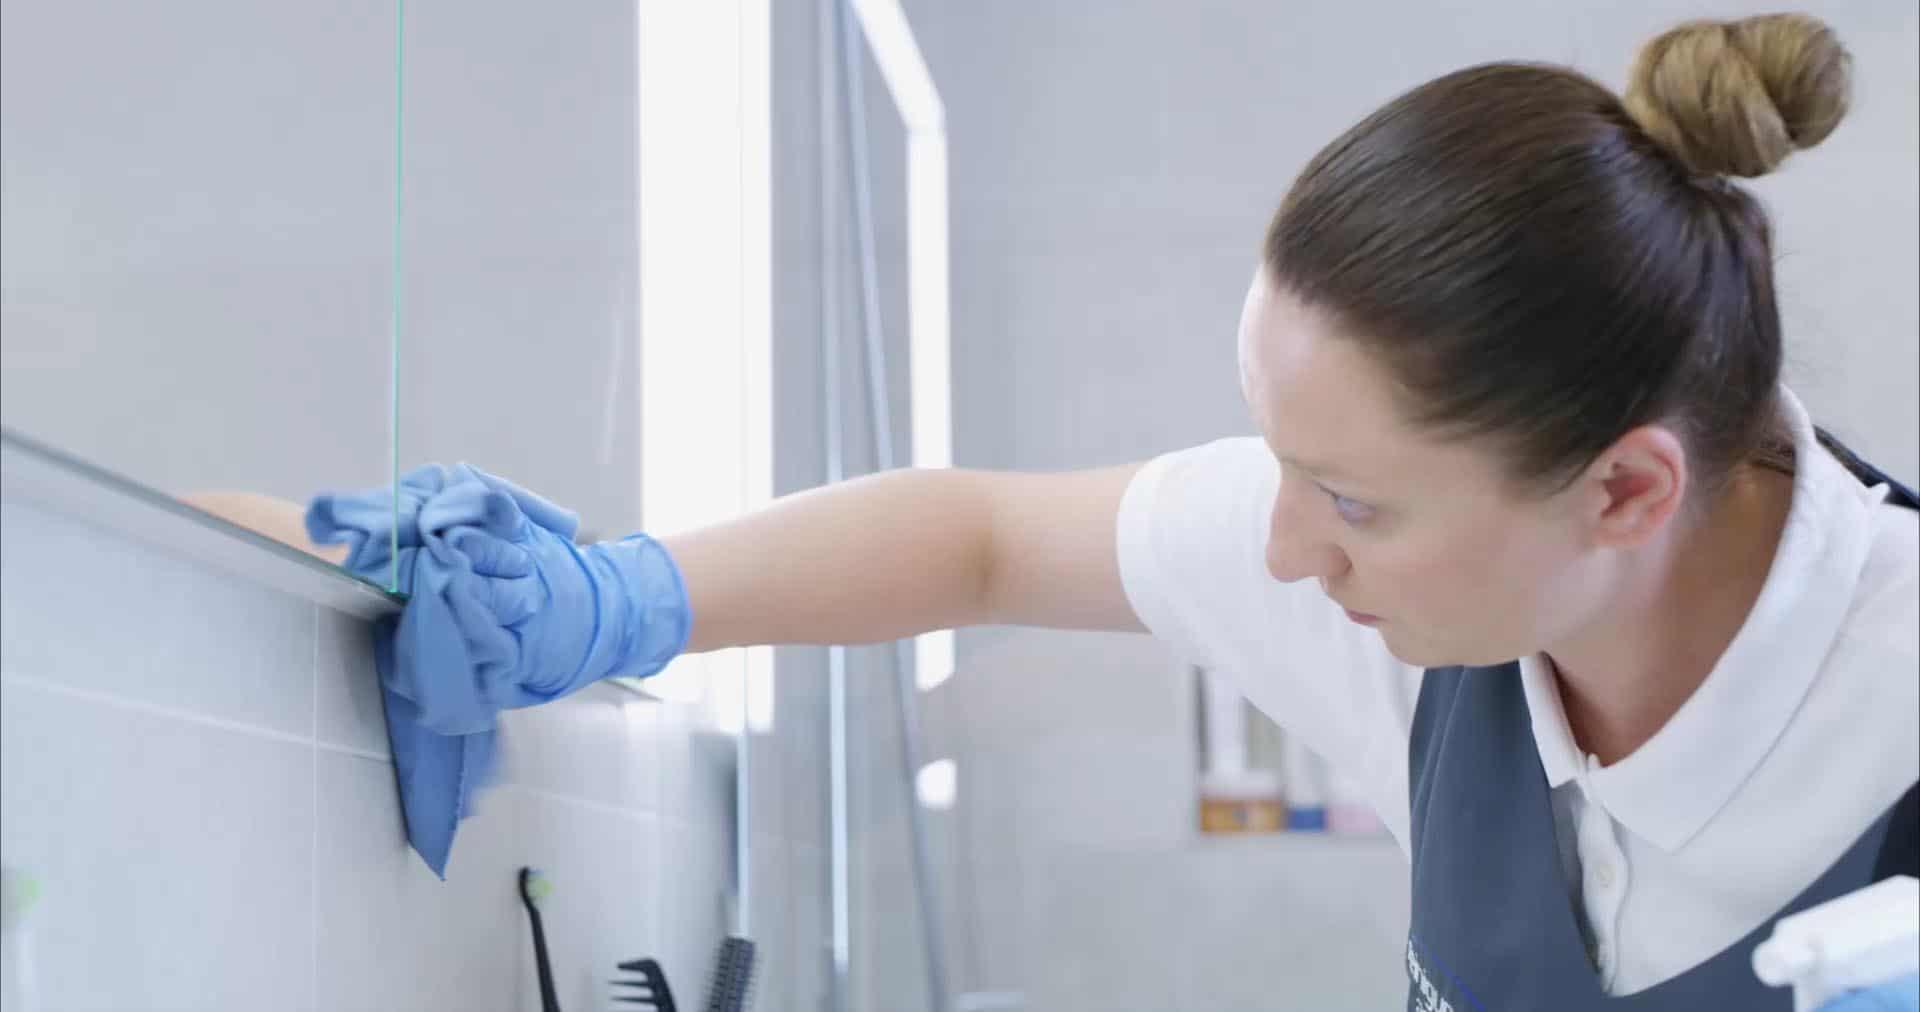 Putzfrauenagentur | Wohnungsreinigung oder Hausreinigung im Abo mit einer Putzfrau der reinigungsagentur.ch